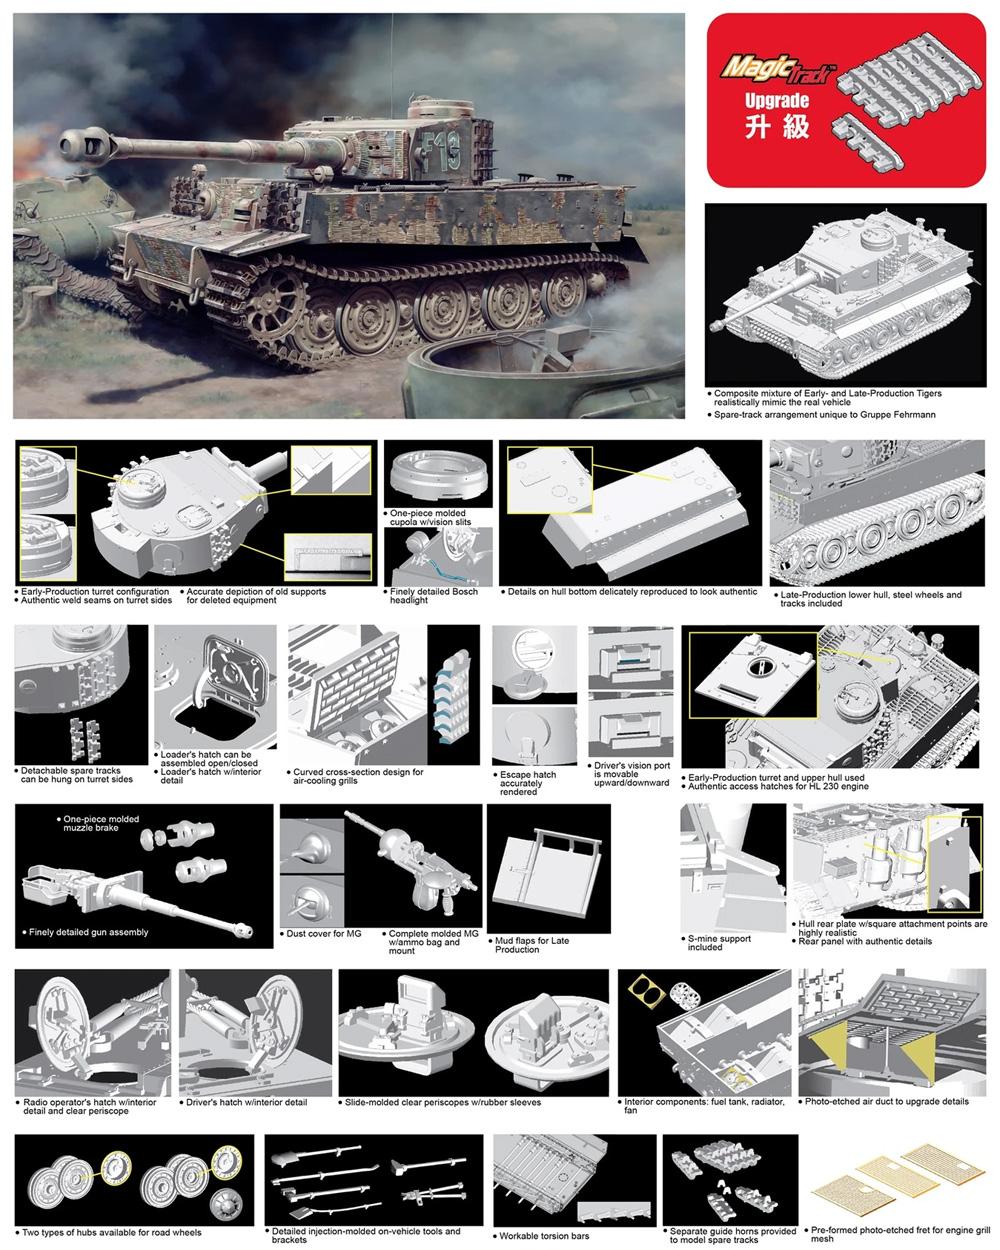 Sd.Kfz.181 ティーガー 1 フェールマン戦闘団プラモデル(ドラゴン1/35 39-45 SeriesNo.6484)商品画像_1